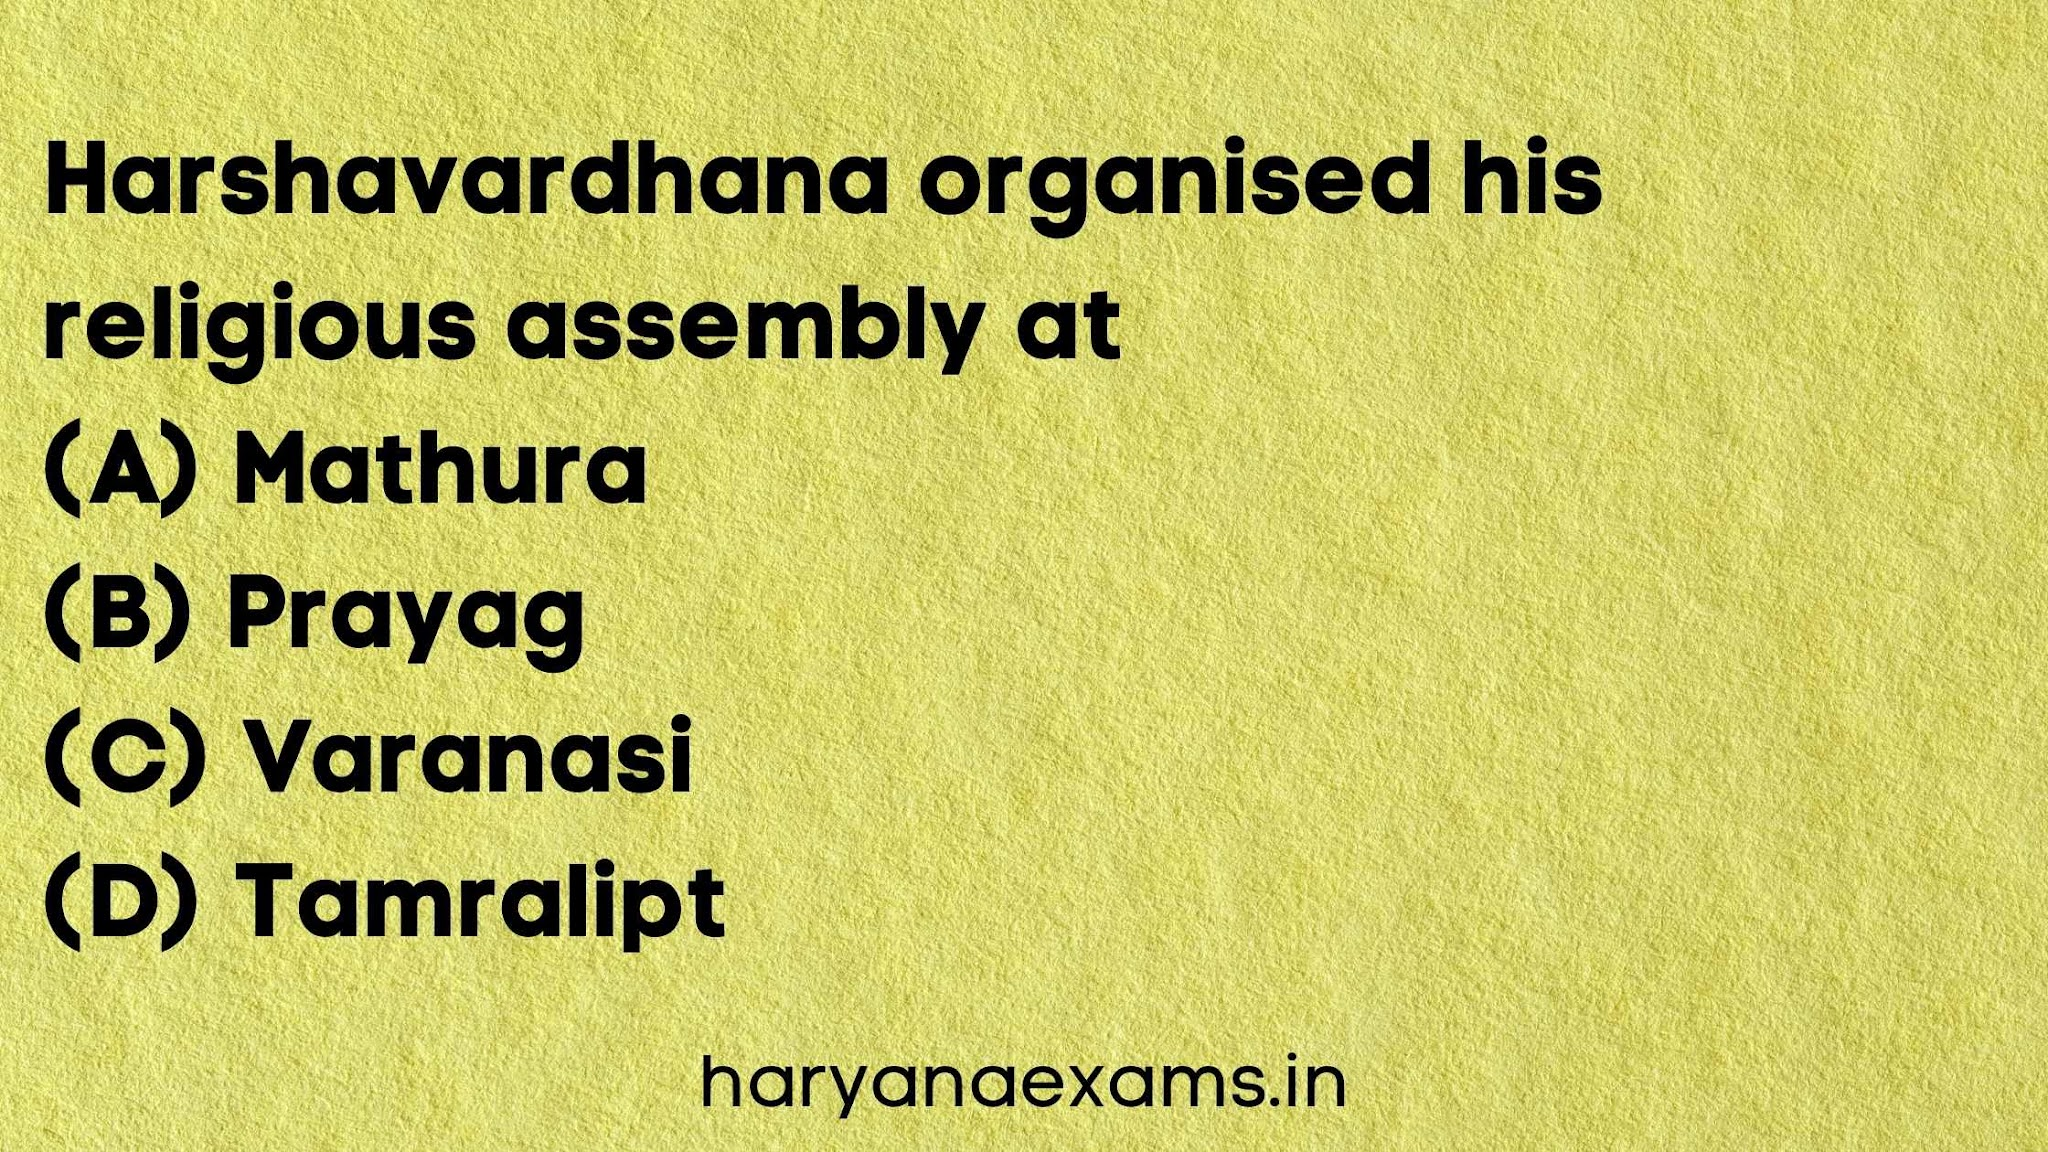 Harshavardhana organised his religious assembly at   (A) Mathura   (B) Prayag   (C) Varanasi   (D) Tamralipt